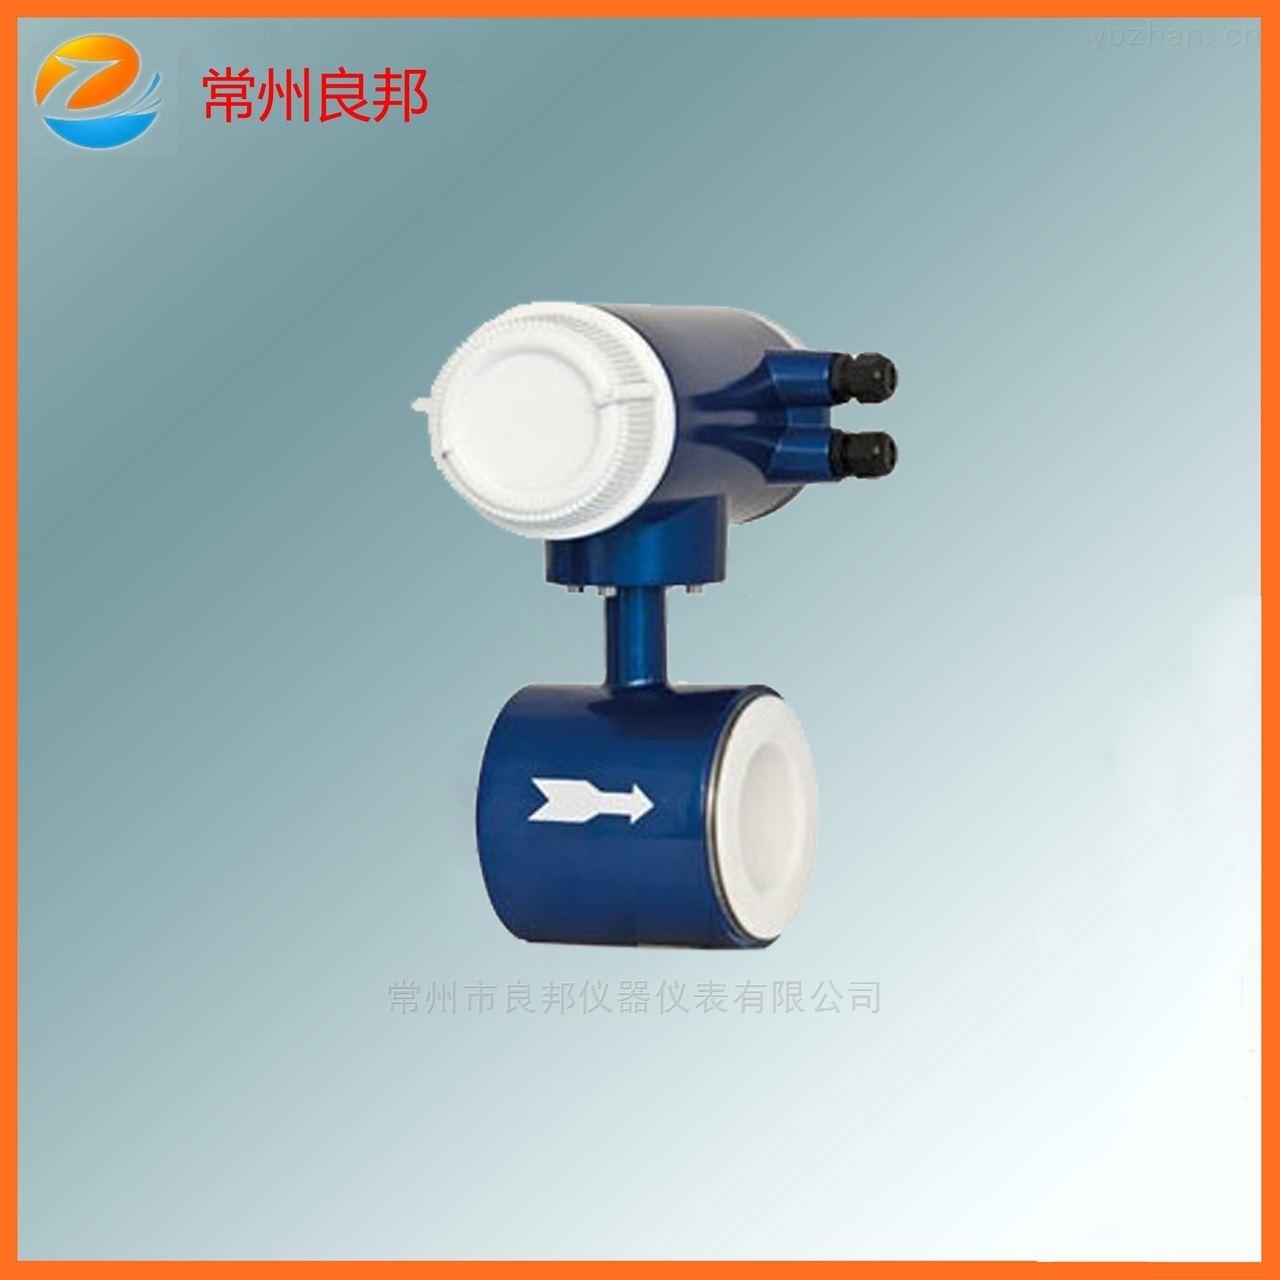 LDG-200/CH-插入式分体电磁流量计厂家报价